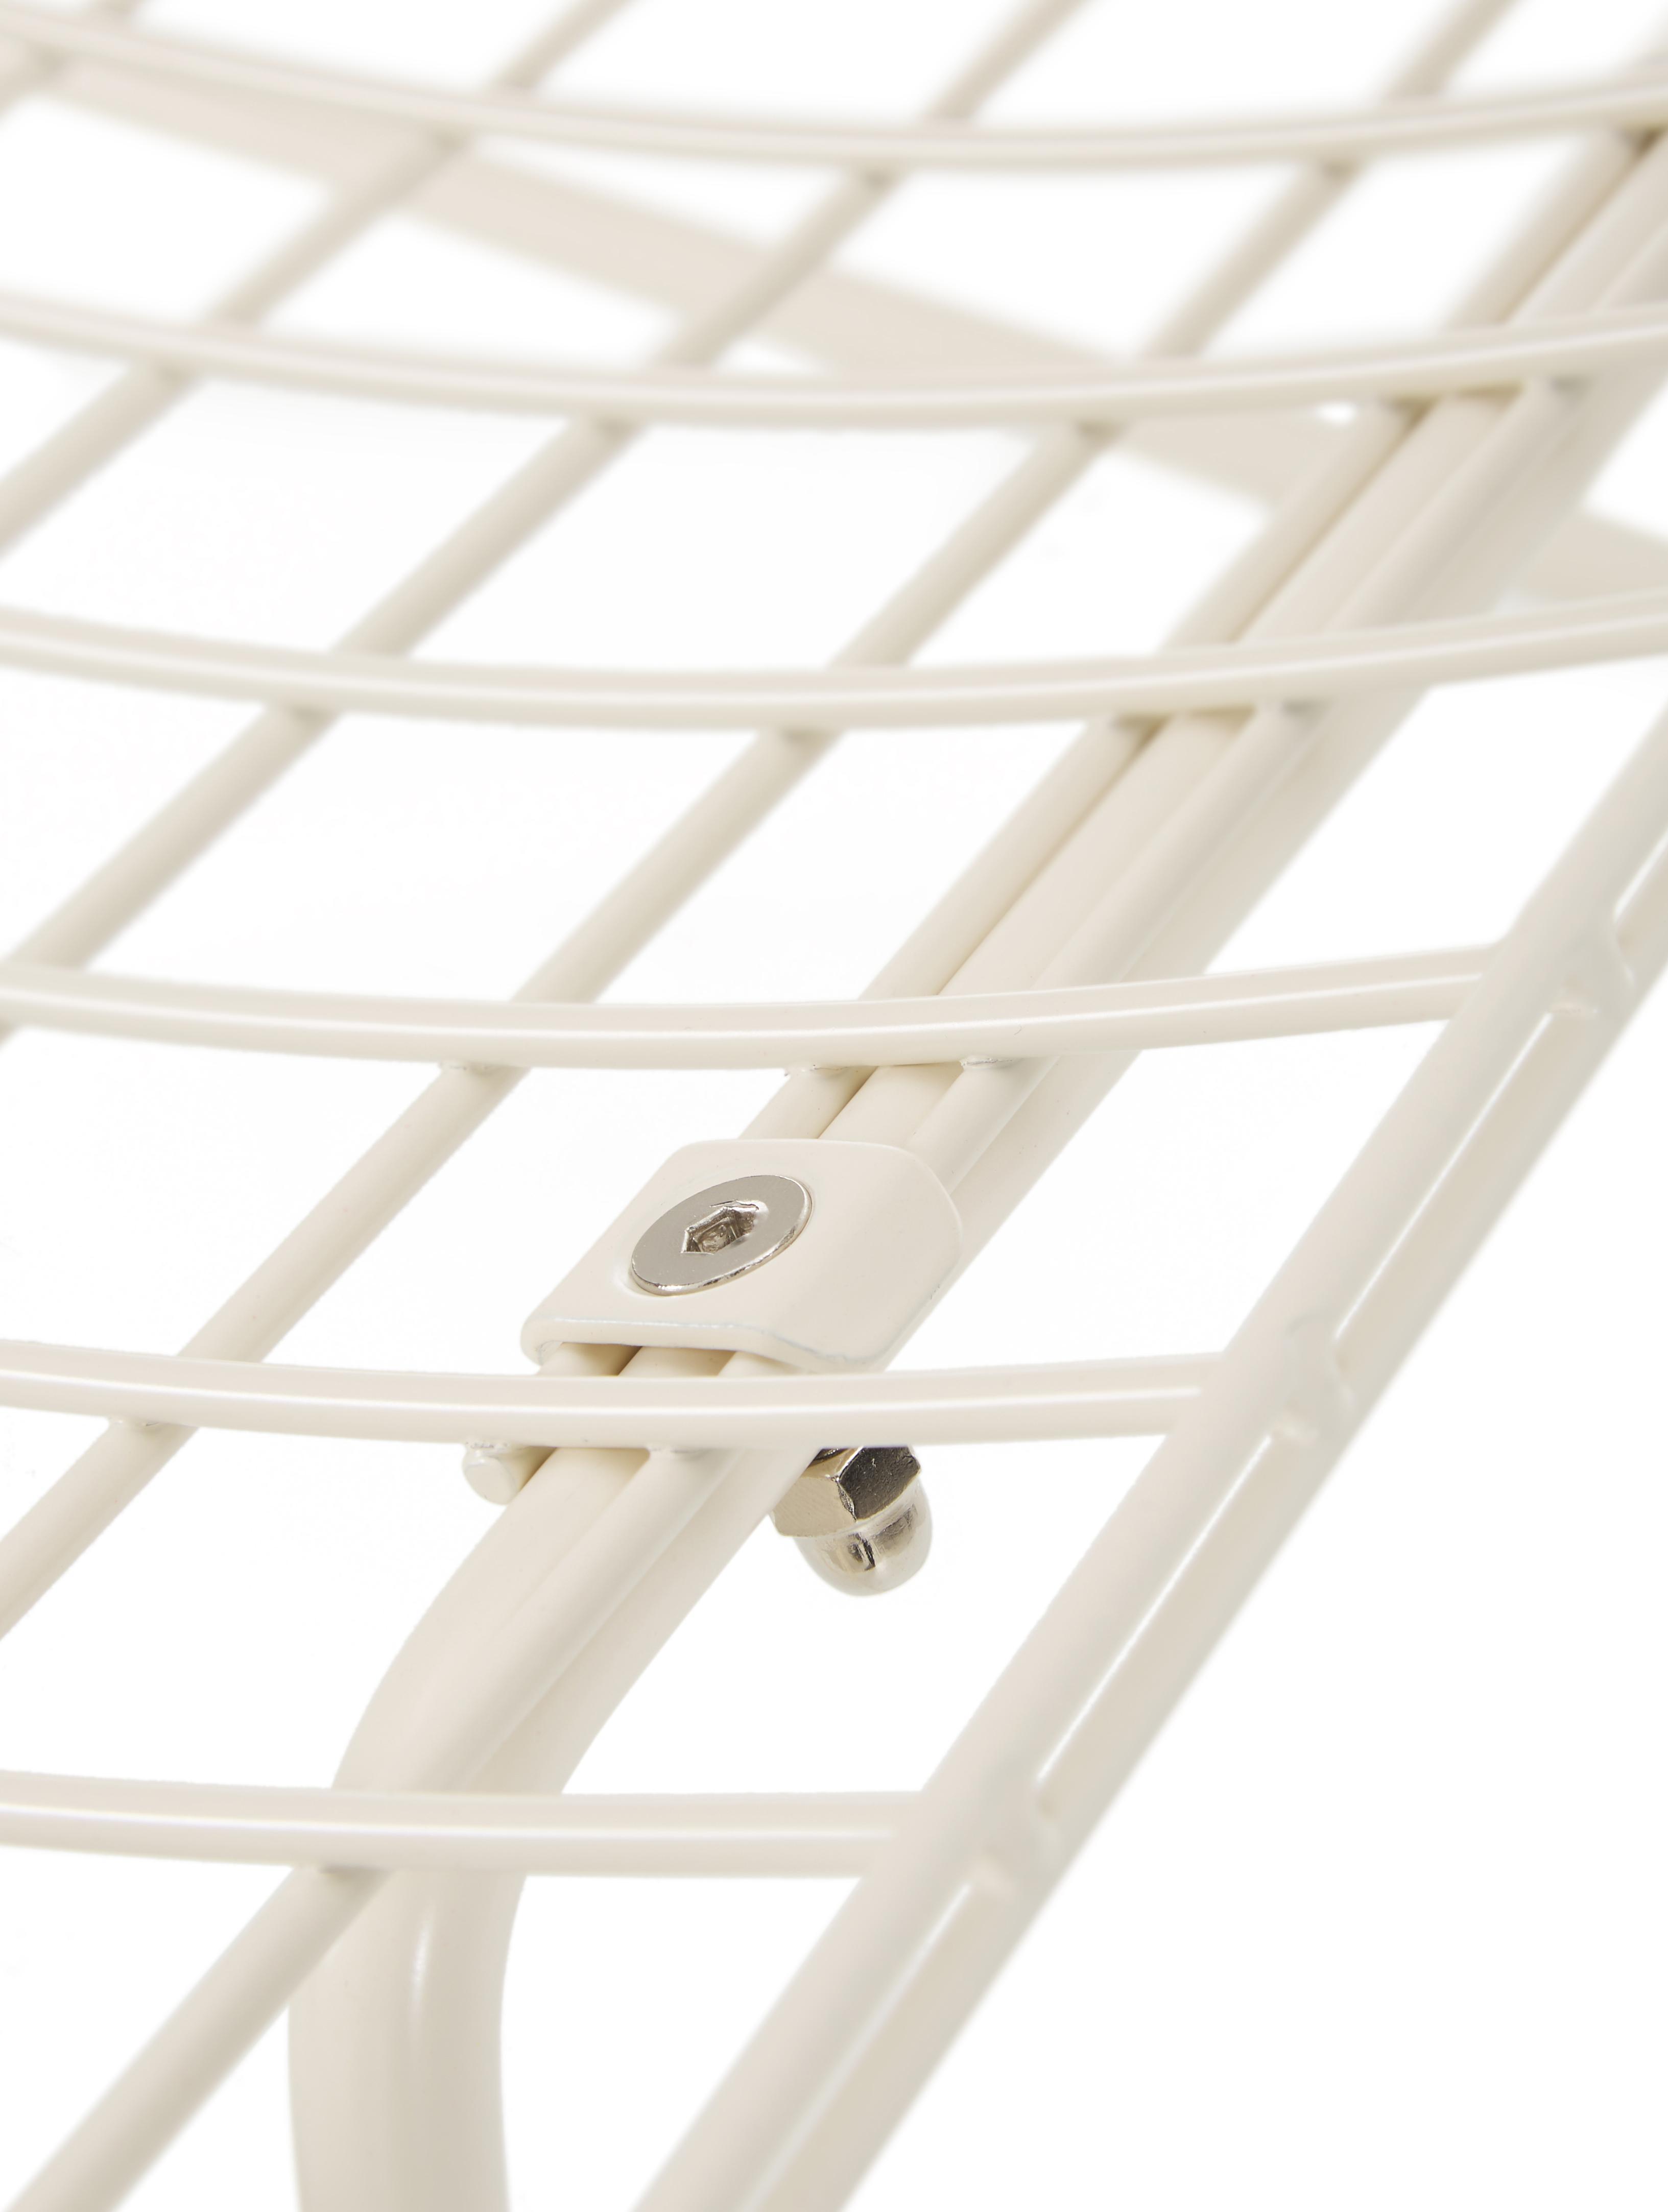 Metall-Stuhl Wire in Cremeweiß, Metall, pulverbeschichtet, Cremeweiß, B 47 x T 54 cm